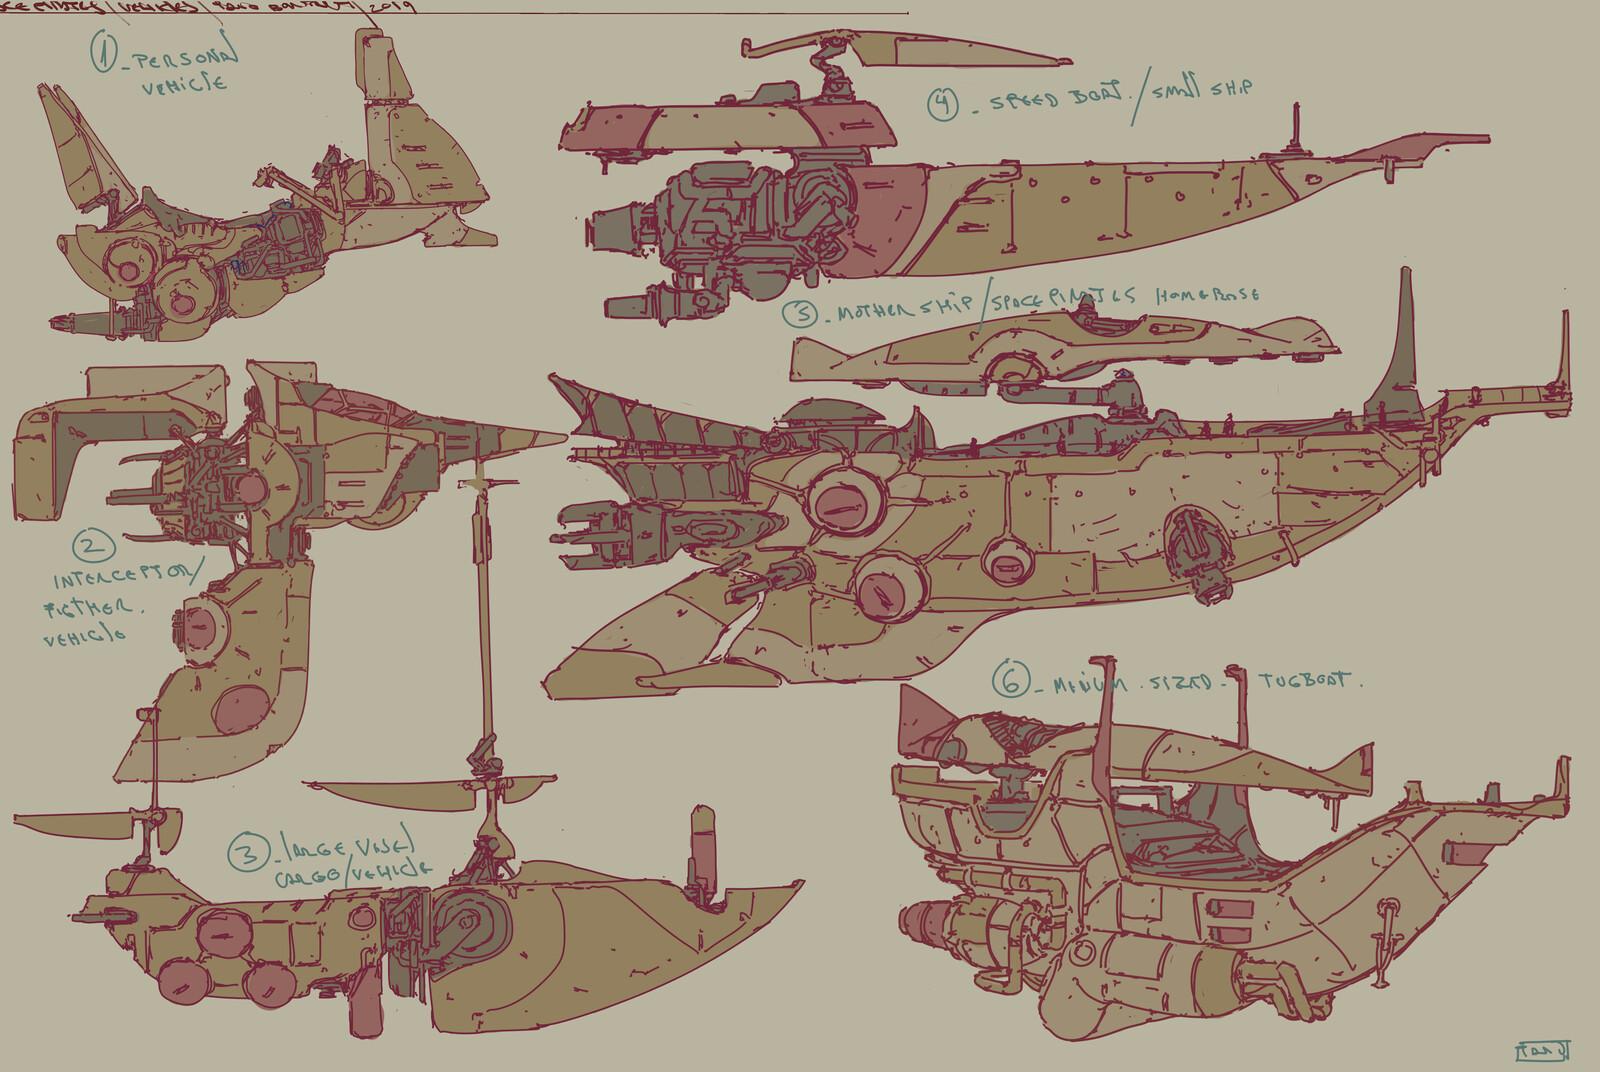 Ships concept sketches